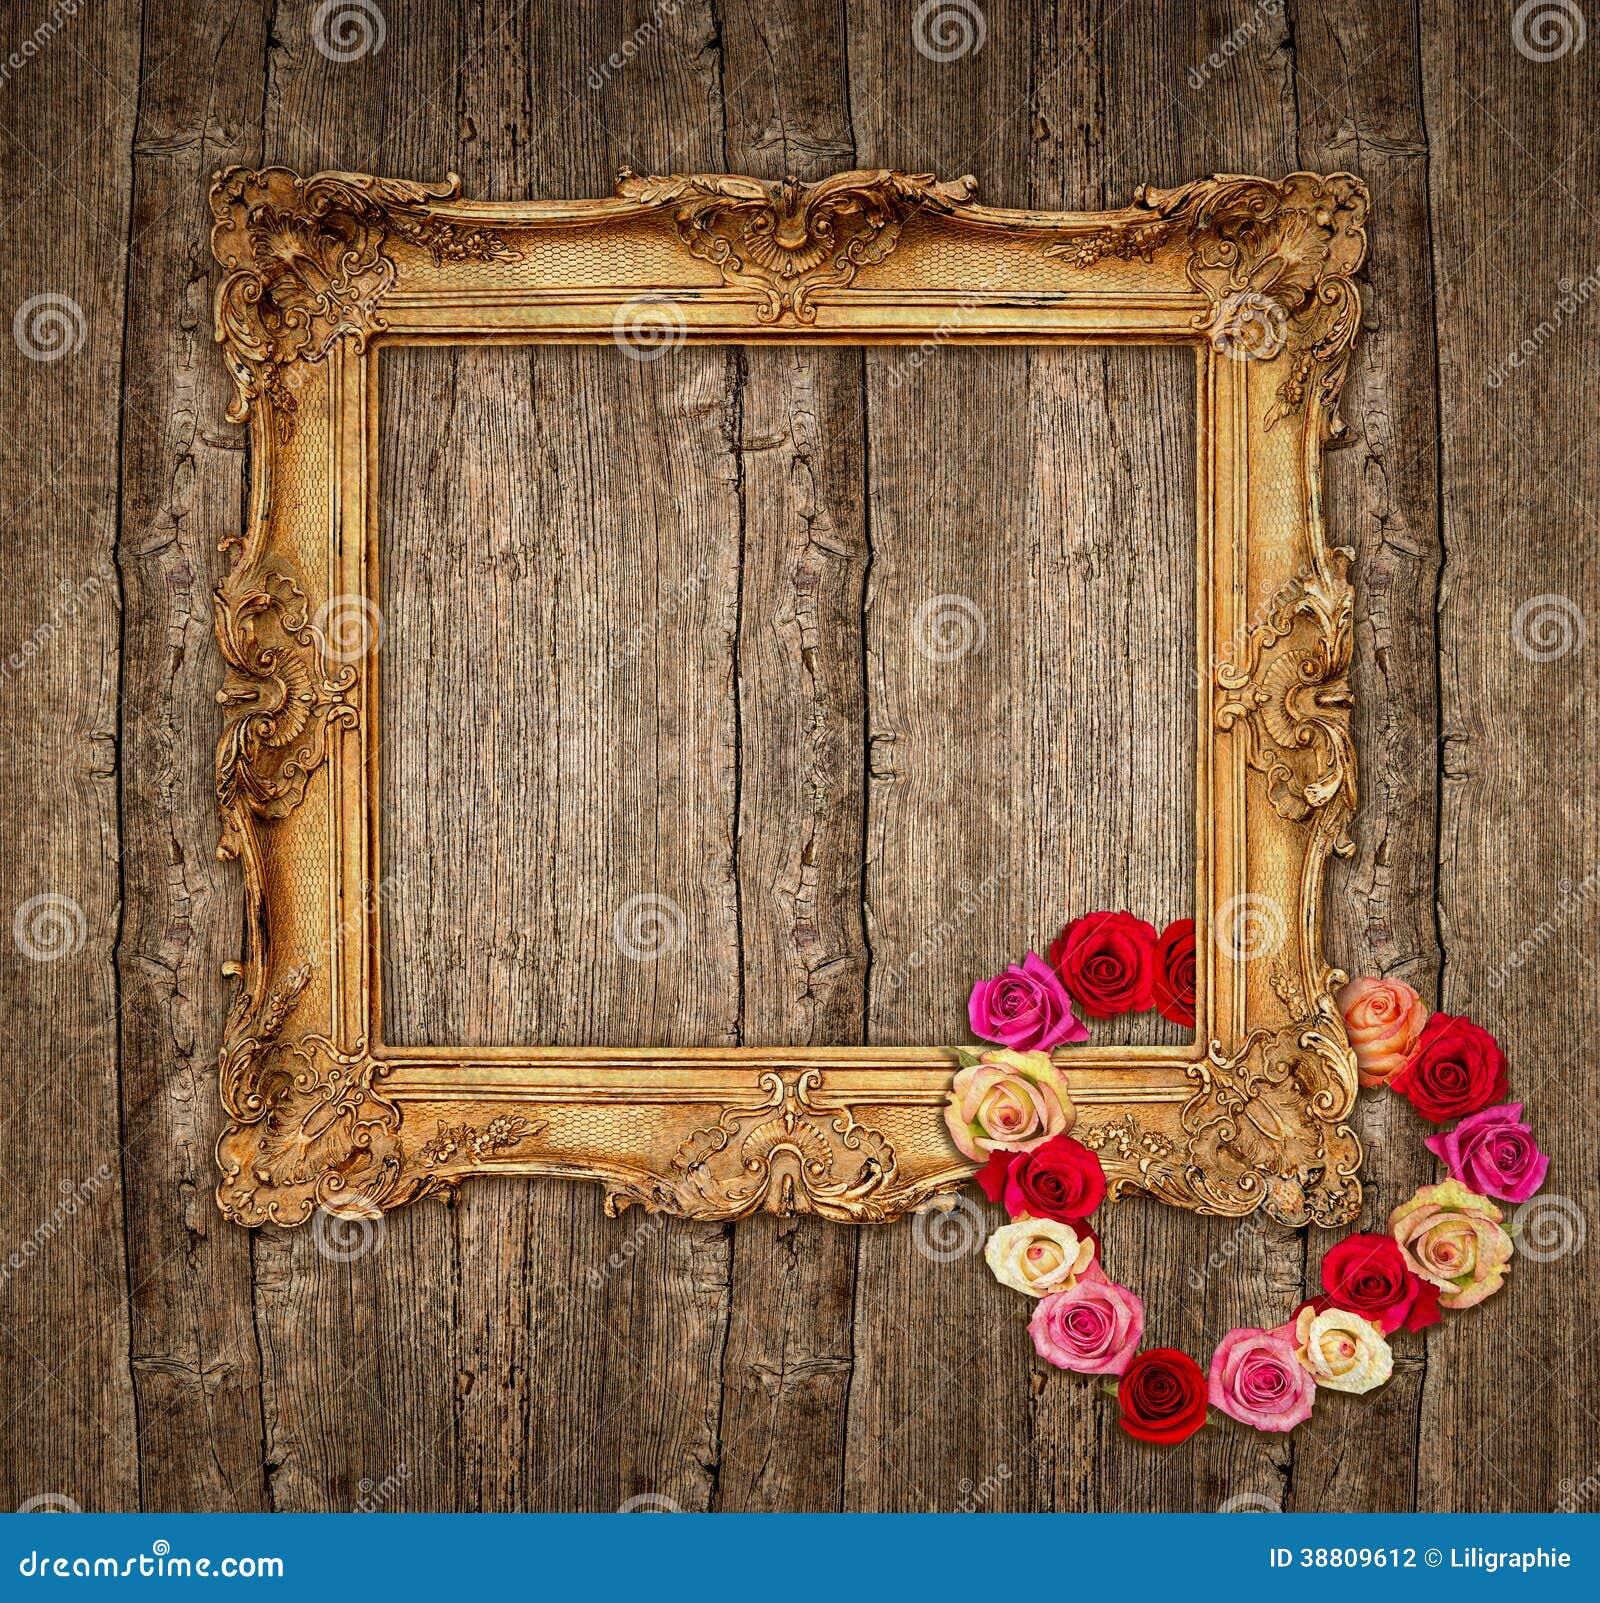 vieux cadre d 39 or avec des roses au dessus de fond en bois photo stock image 38809612. Black Bedroom Furniture Sets. Home Design Ideas